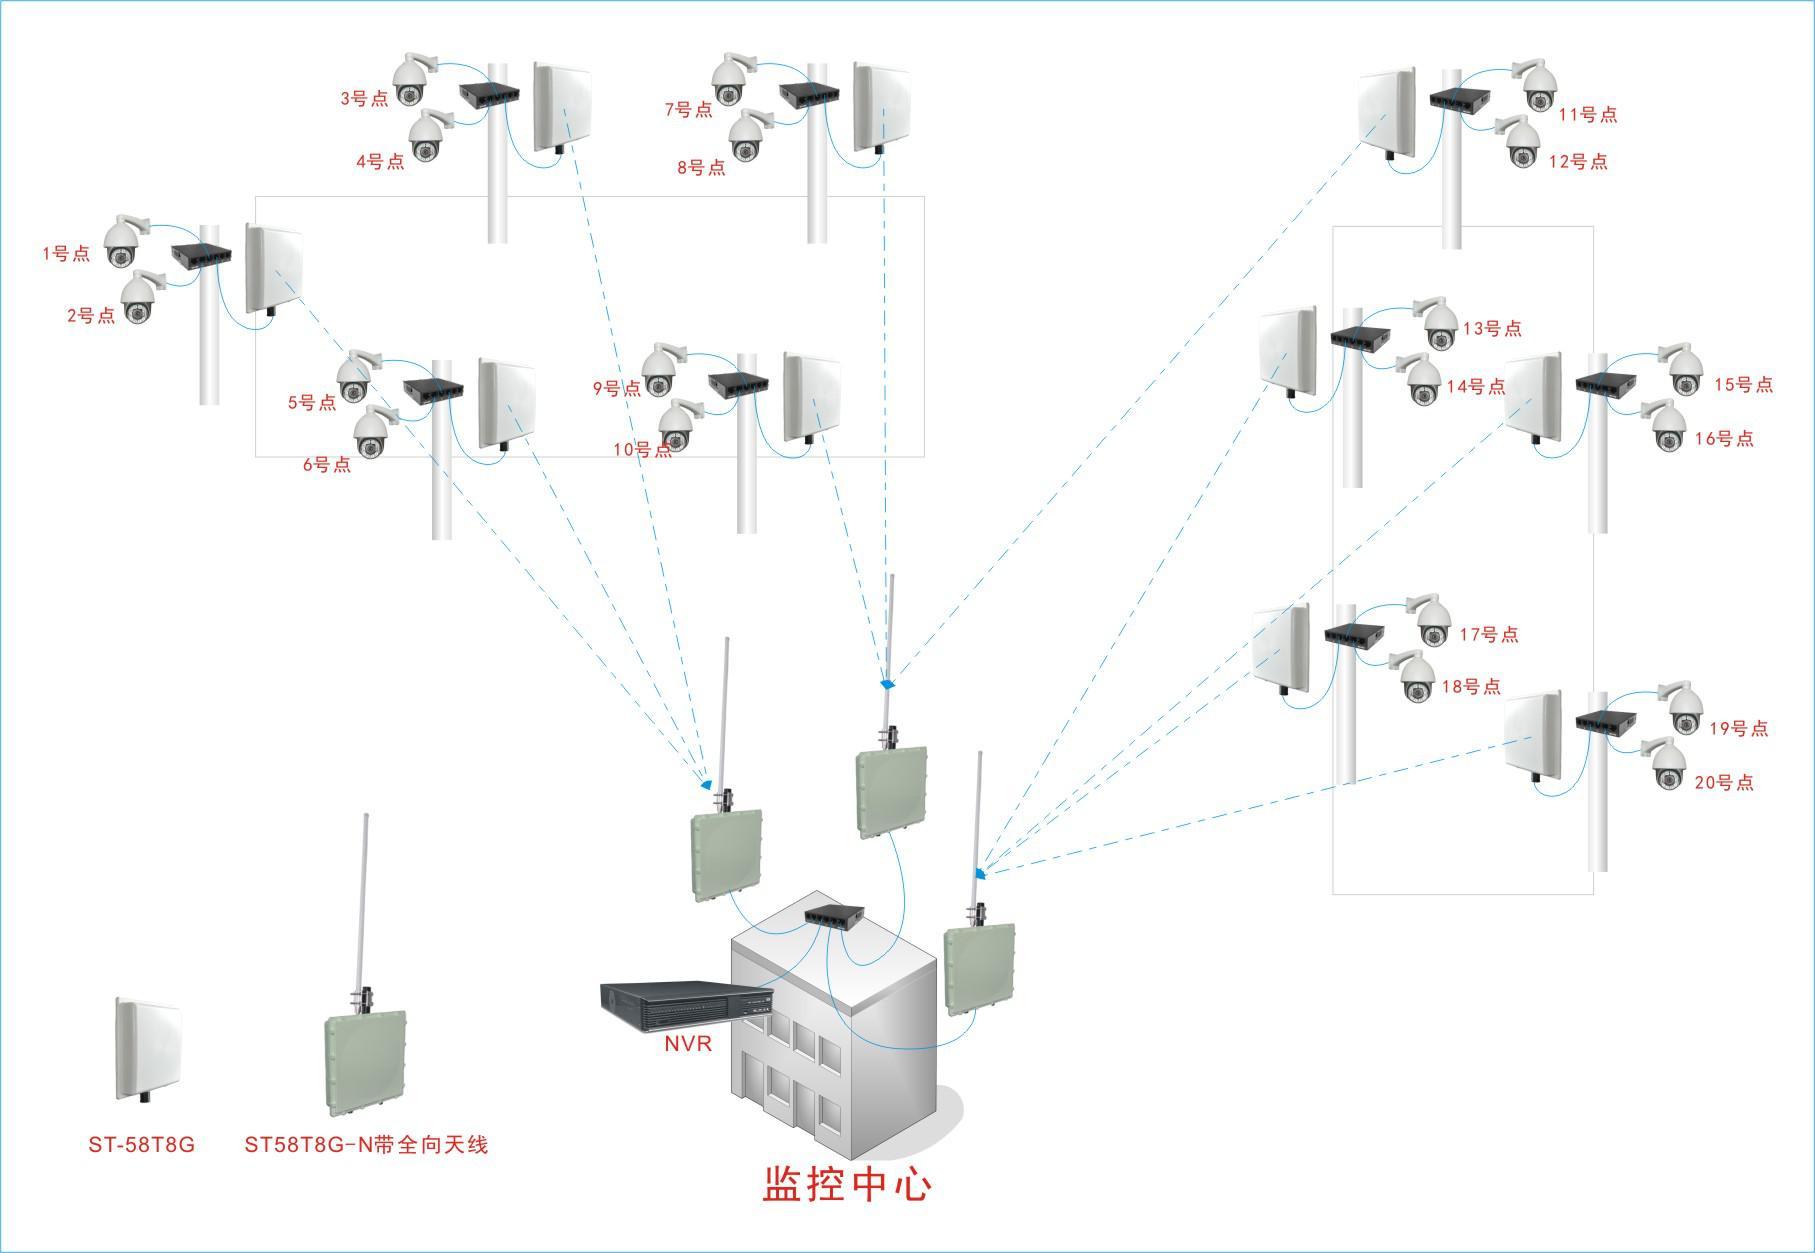 大型工地现场无线监控方案(st-58t8g无线网桥应用)